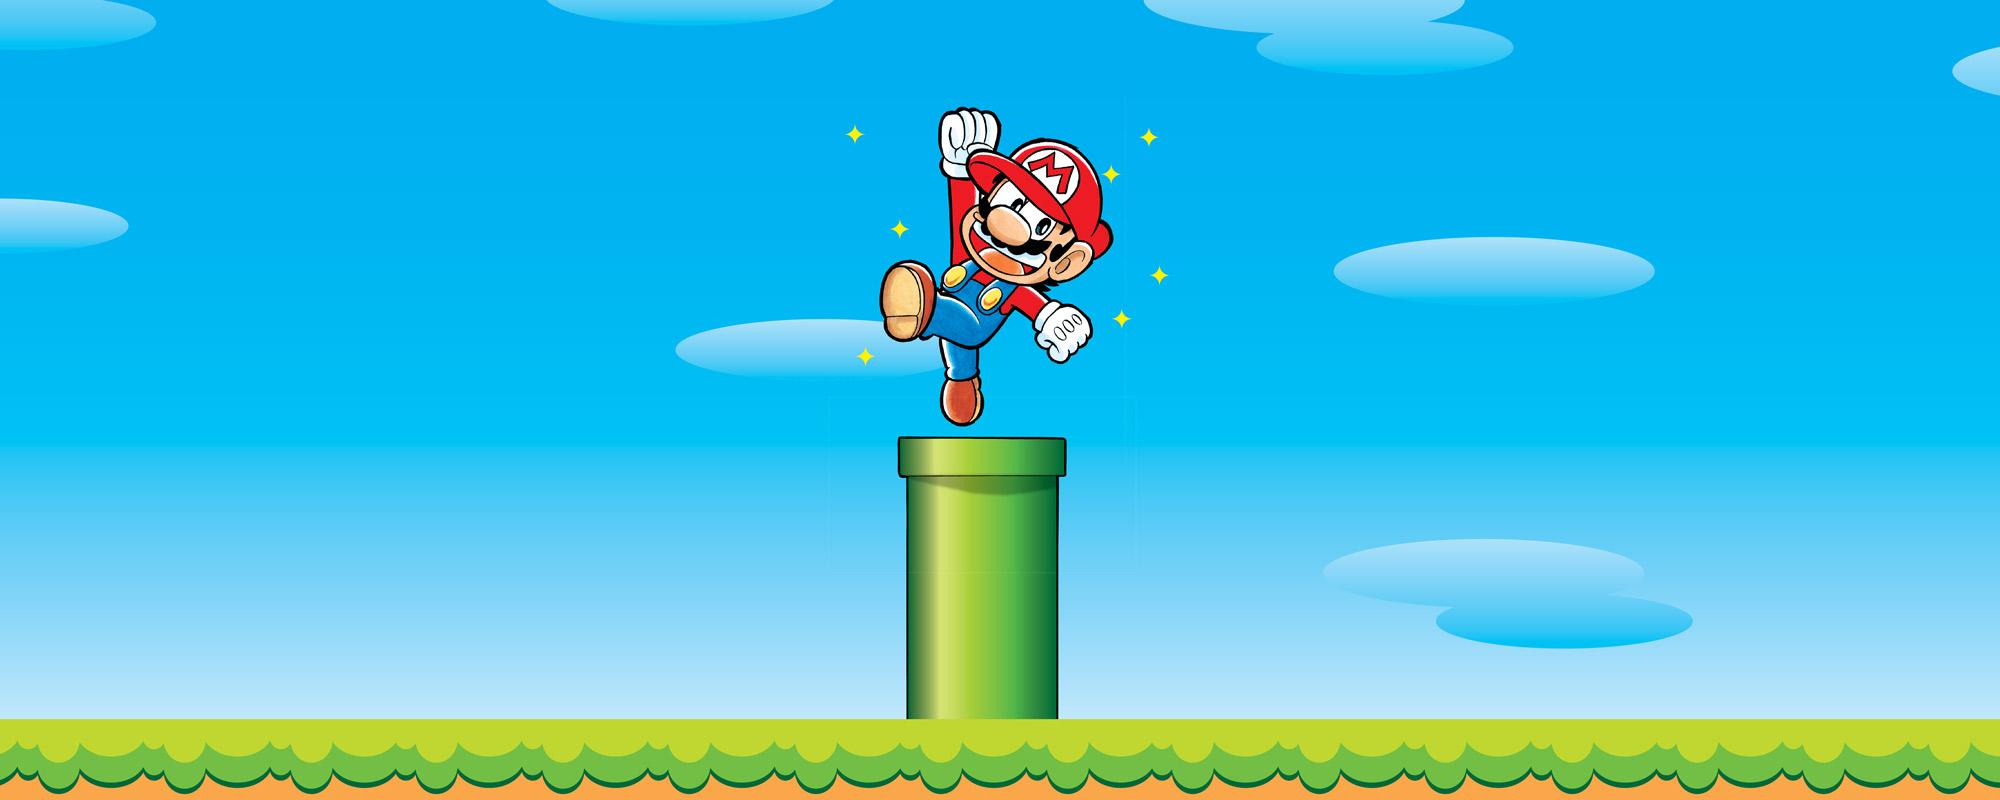 Super Mario Bros.: Manga Mania